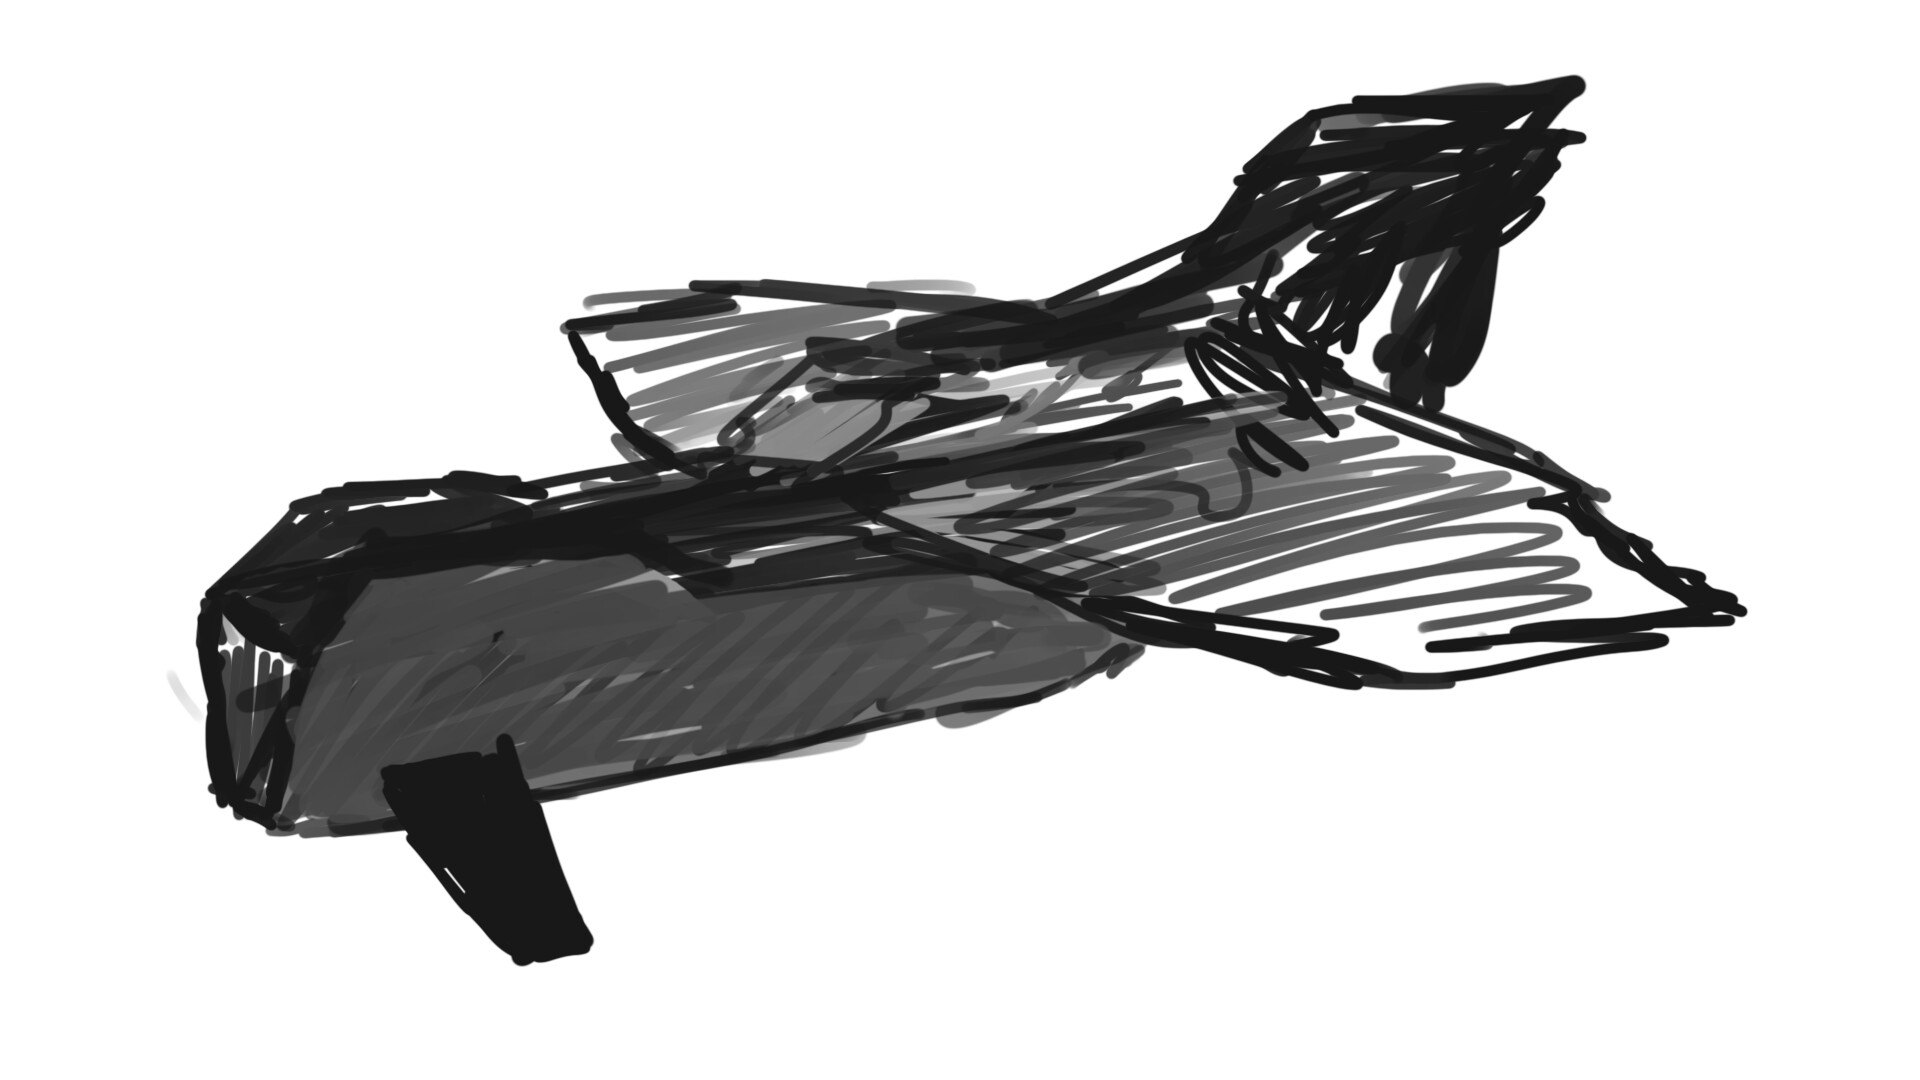 Alexander laheij drawing11 34